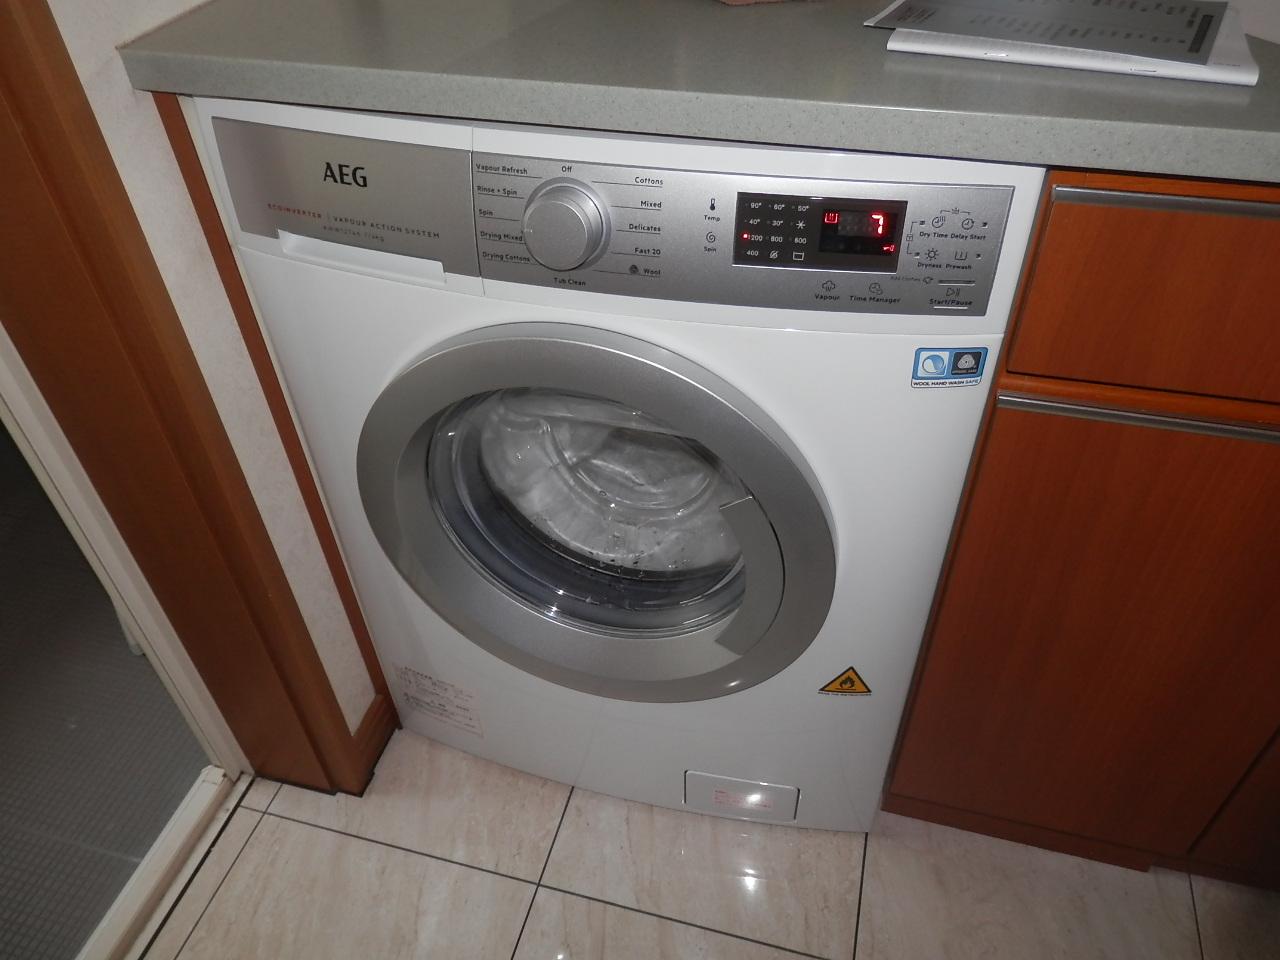 2019/06/02 神奈川県川崎市  洗濯乾燥機交換工事(AEG:AWW12746)